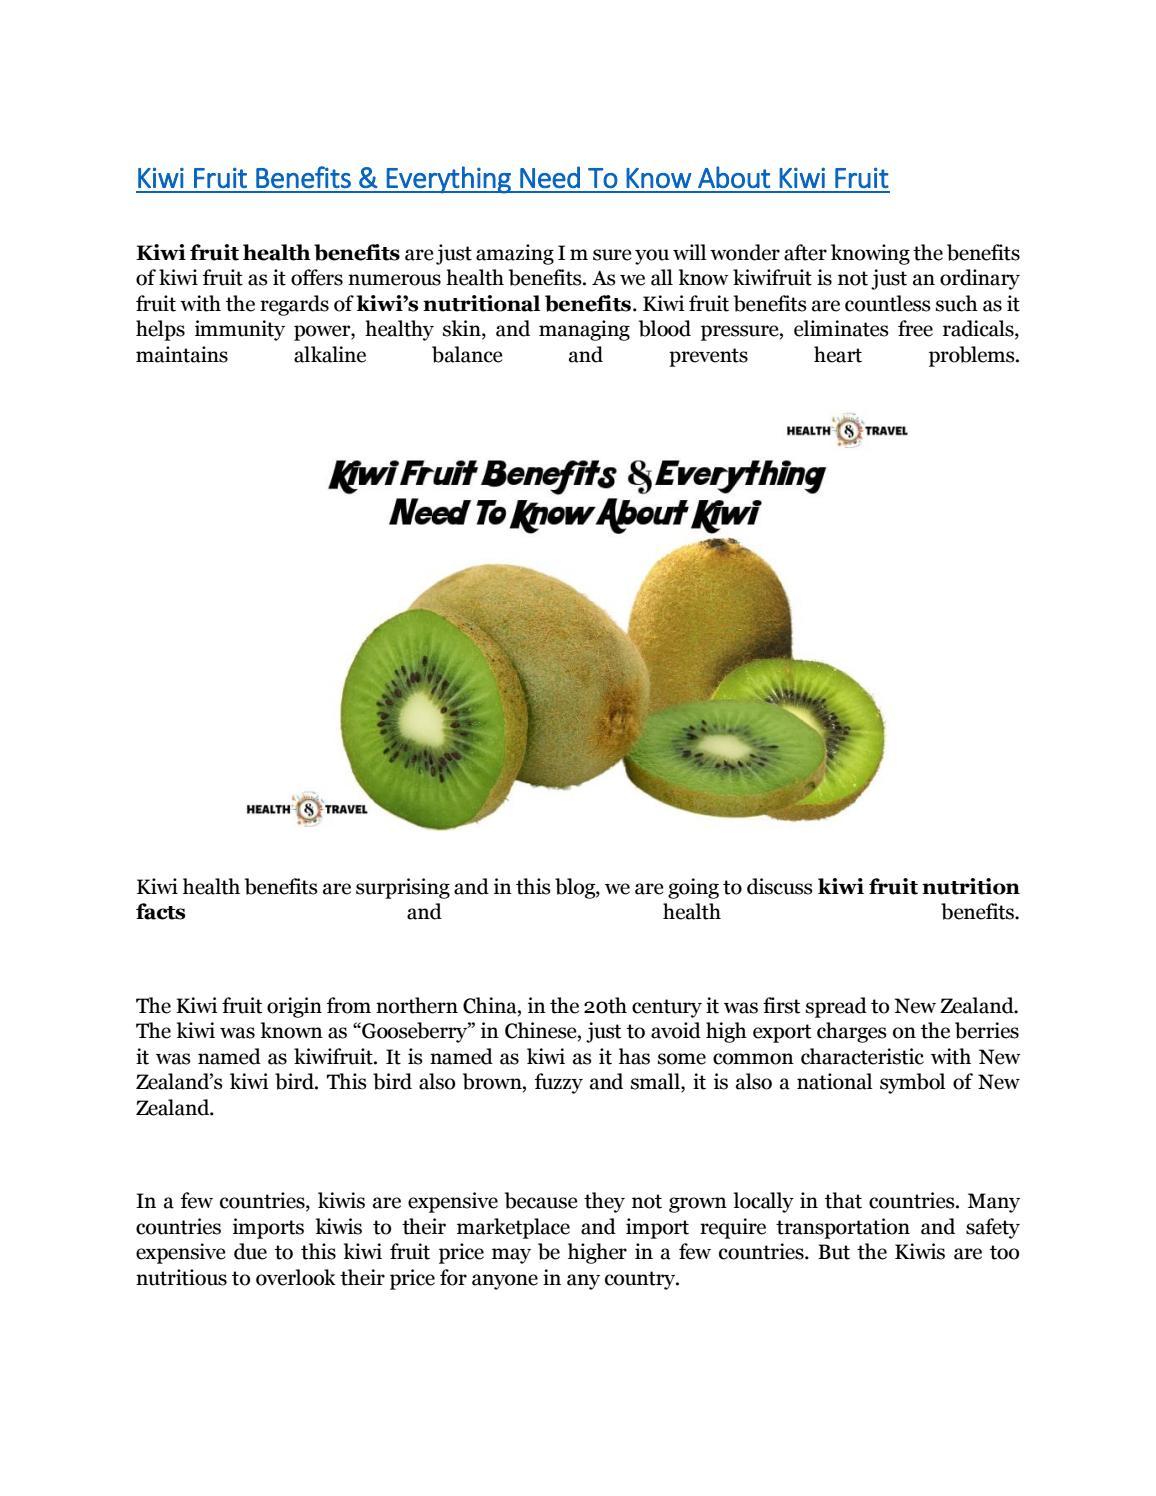 Kiwi Fruit Benefits Everything Need To Know About Kiwi Fruit By Suhas Jadhav Issuu